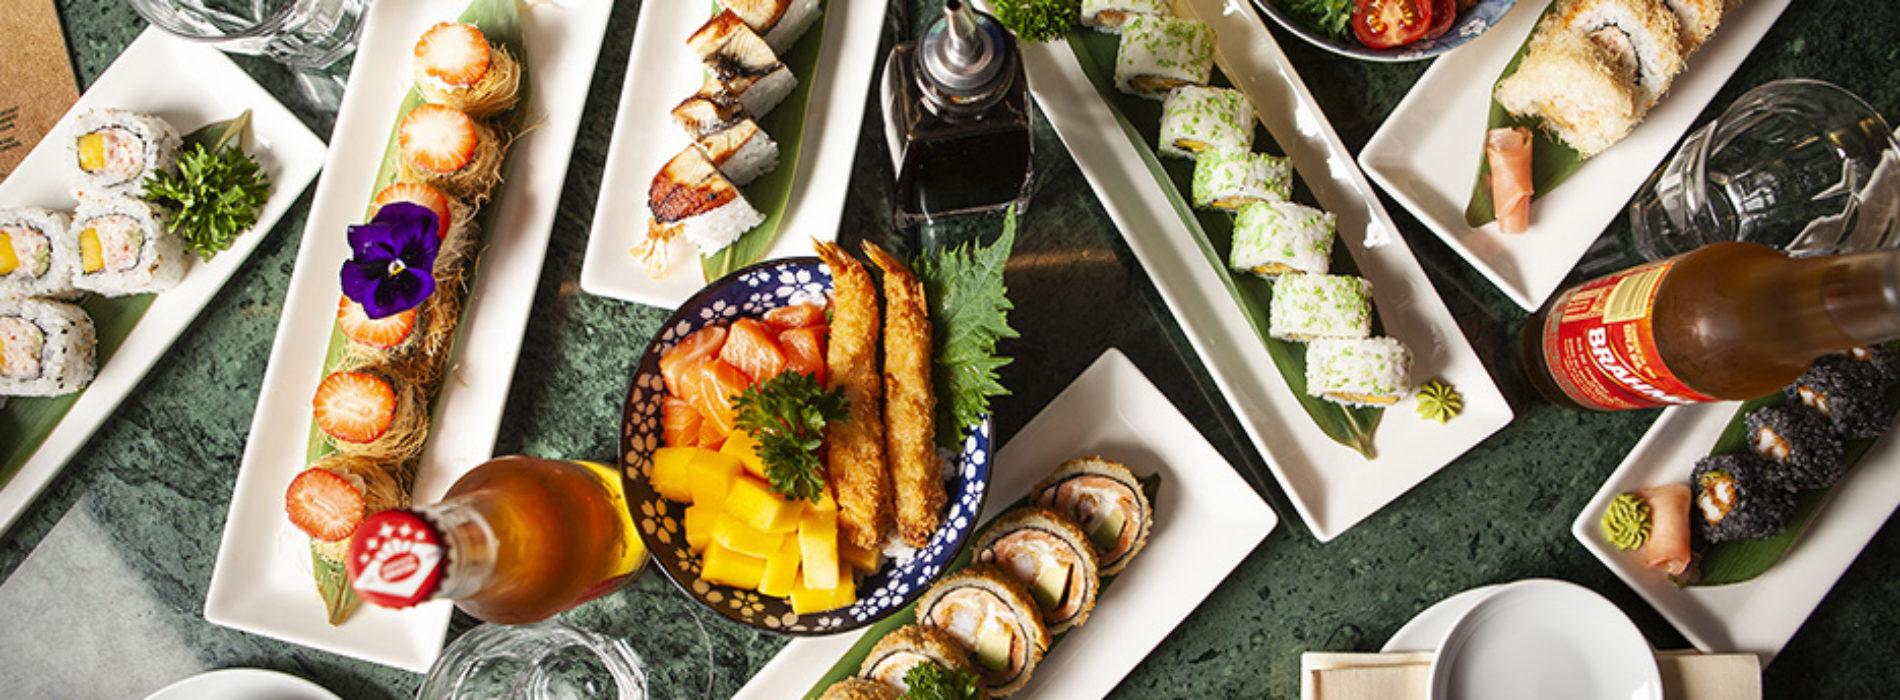 Balada Sushi Milano, piccolo nippo-brasiliano verace a due passi dal Duomo